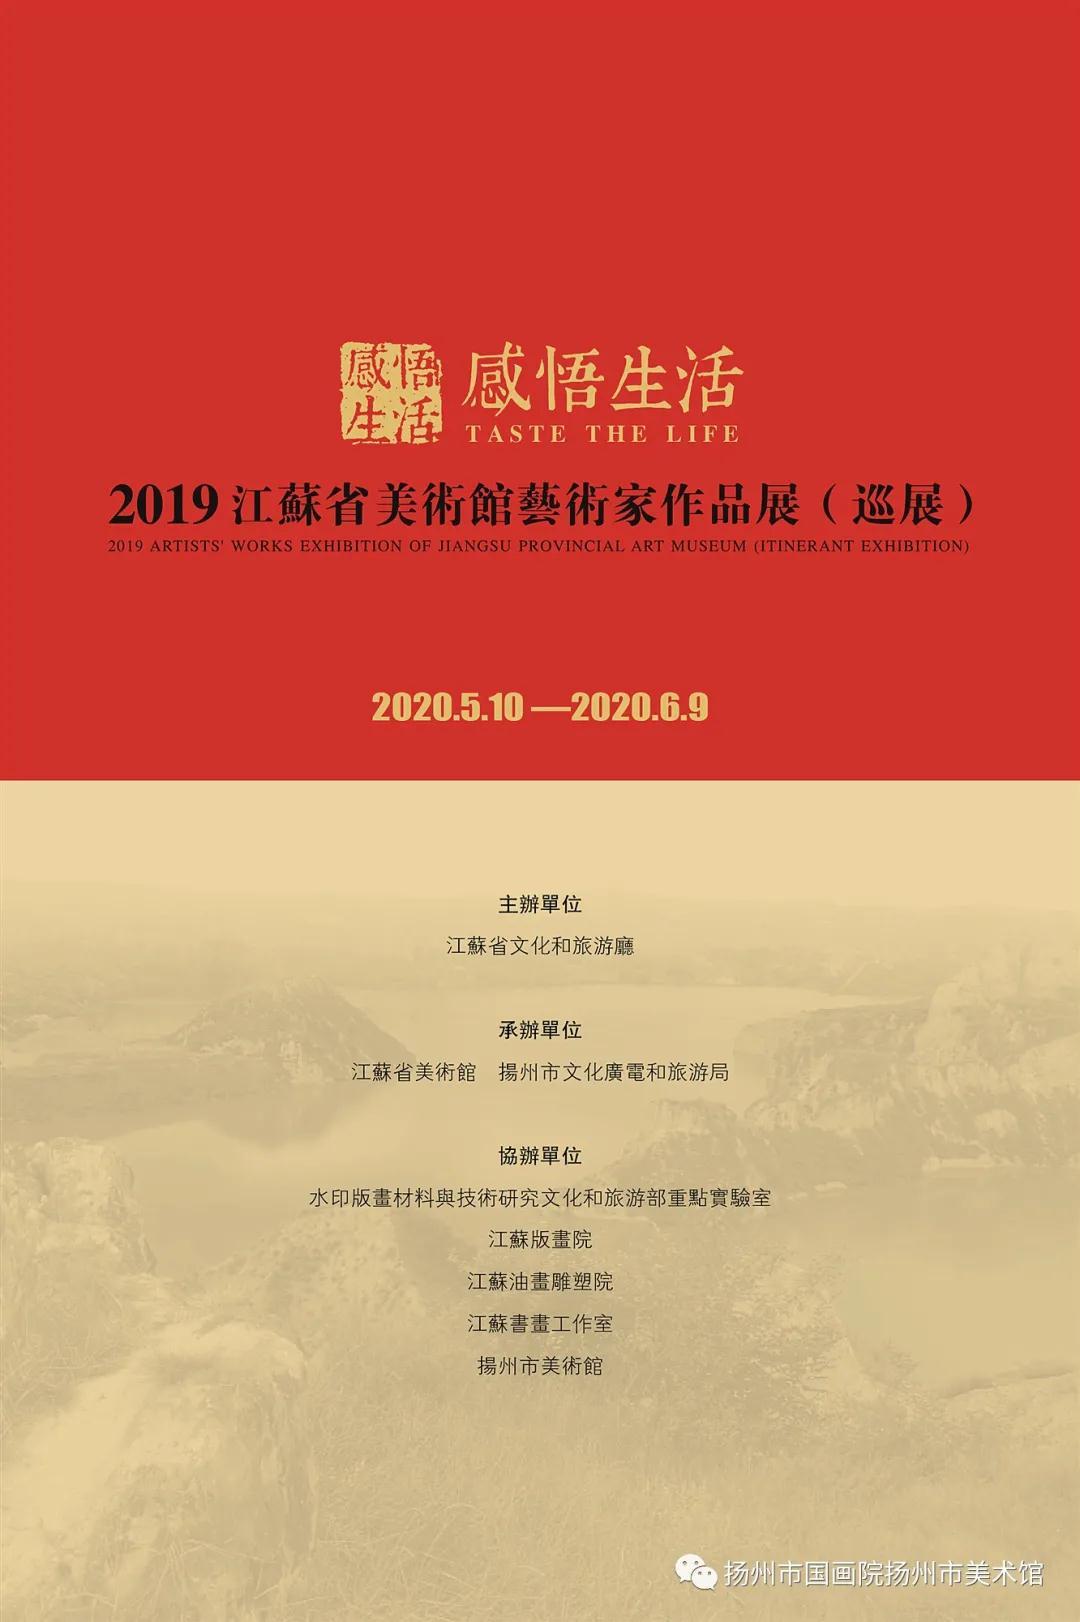 展讯:感悟生活——2019江苏省美术馆艺术家作品展(巡展)扬州站